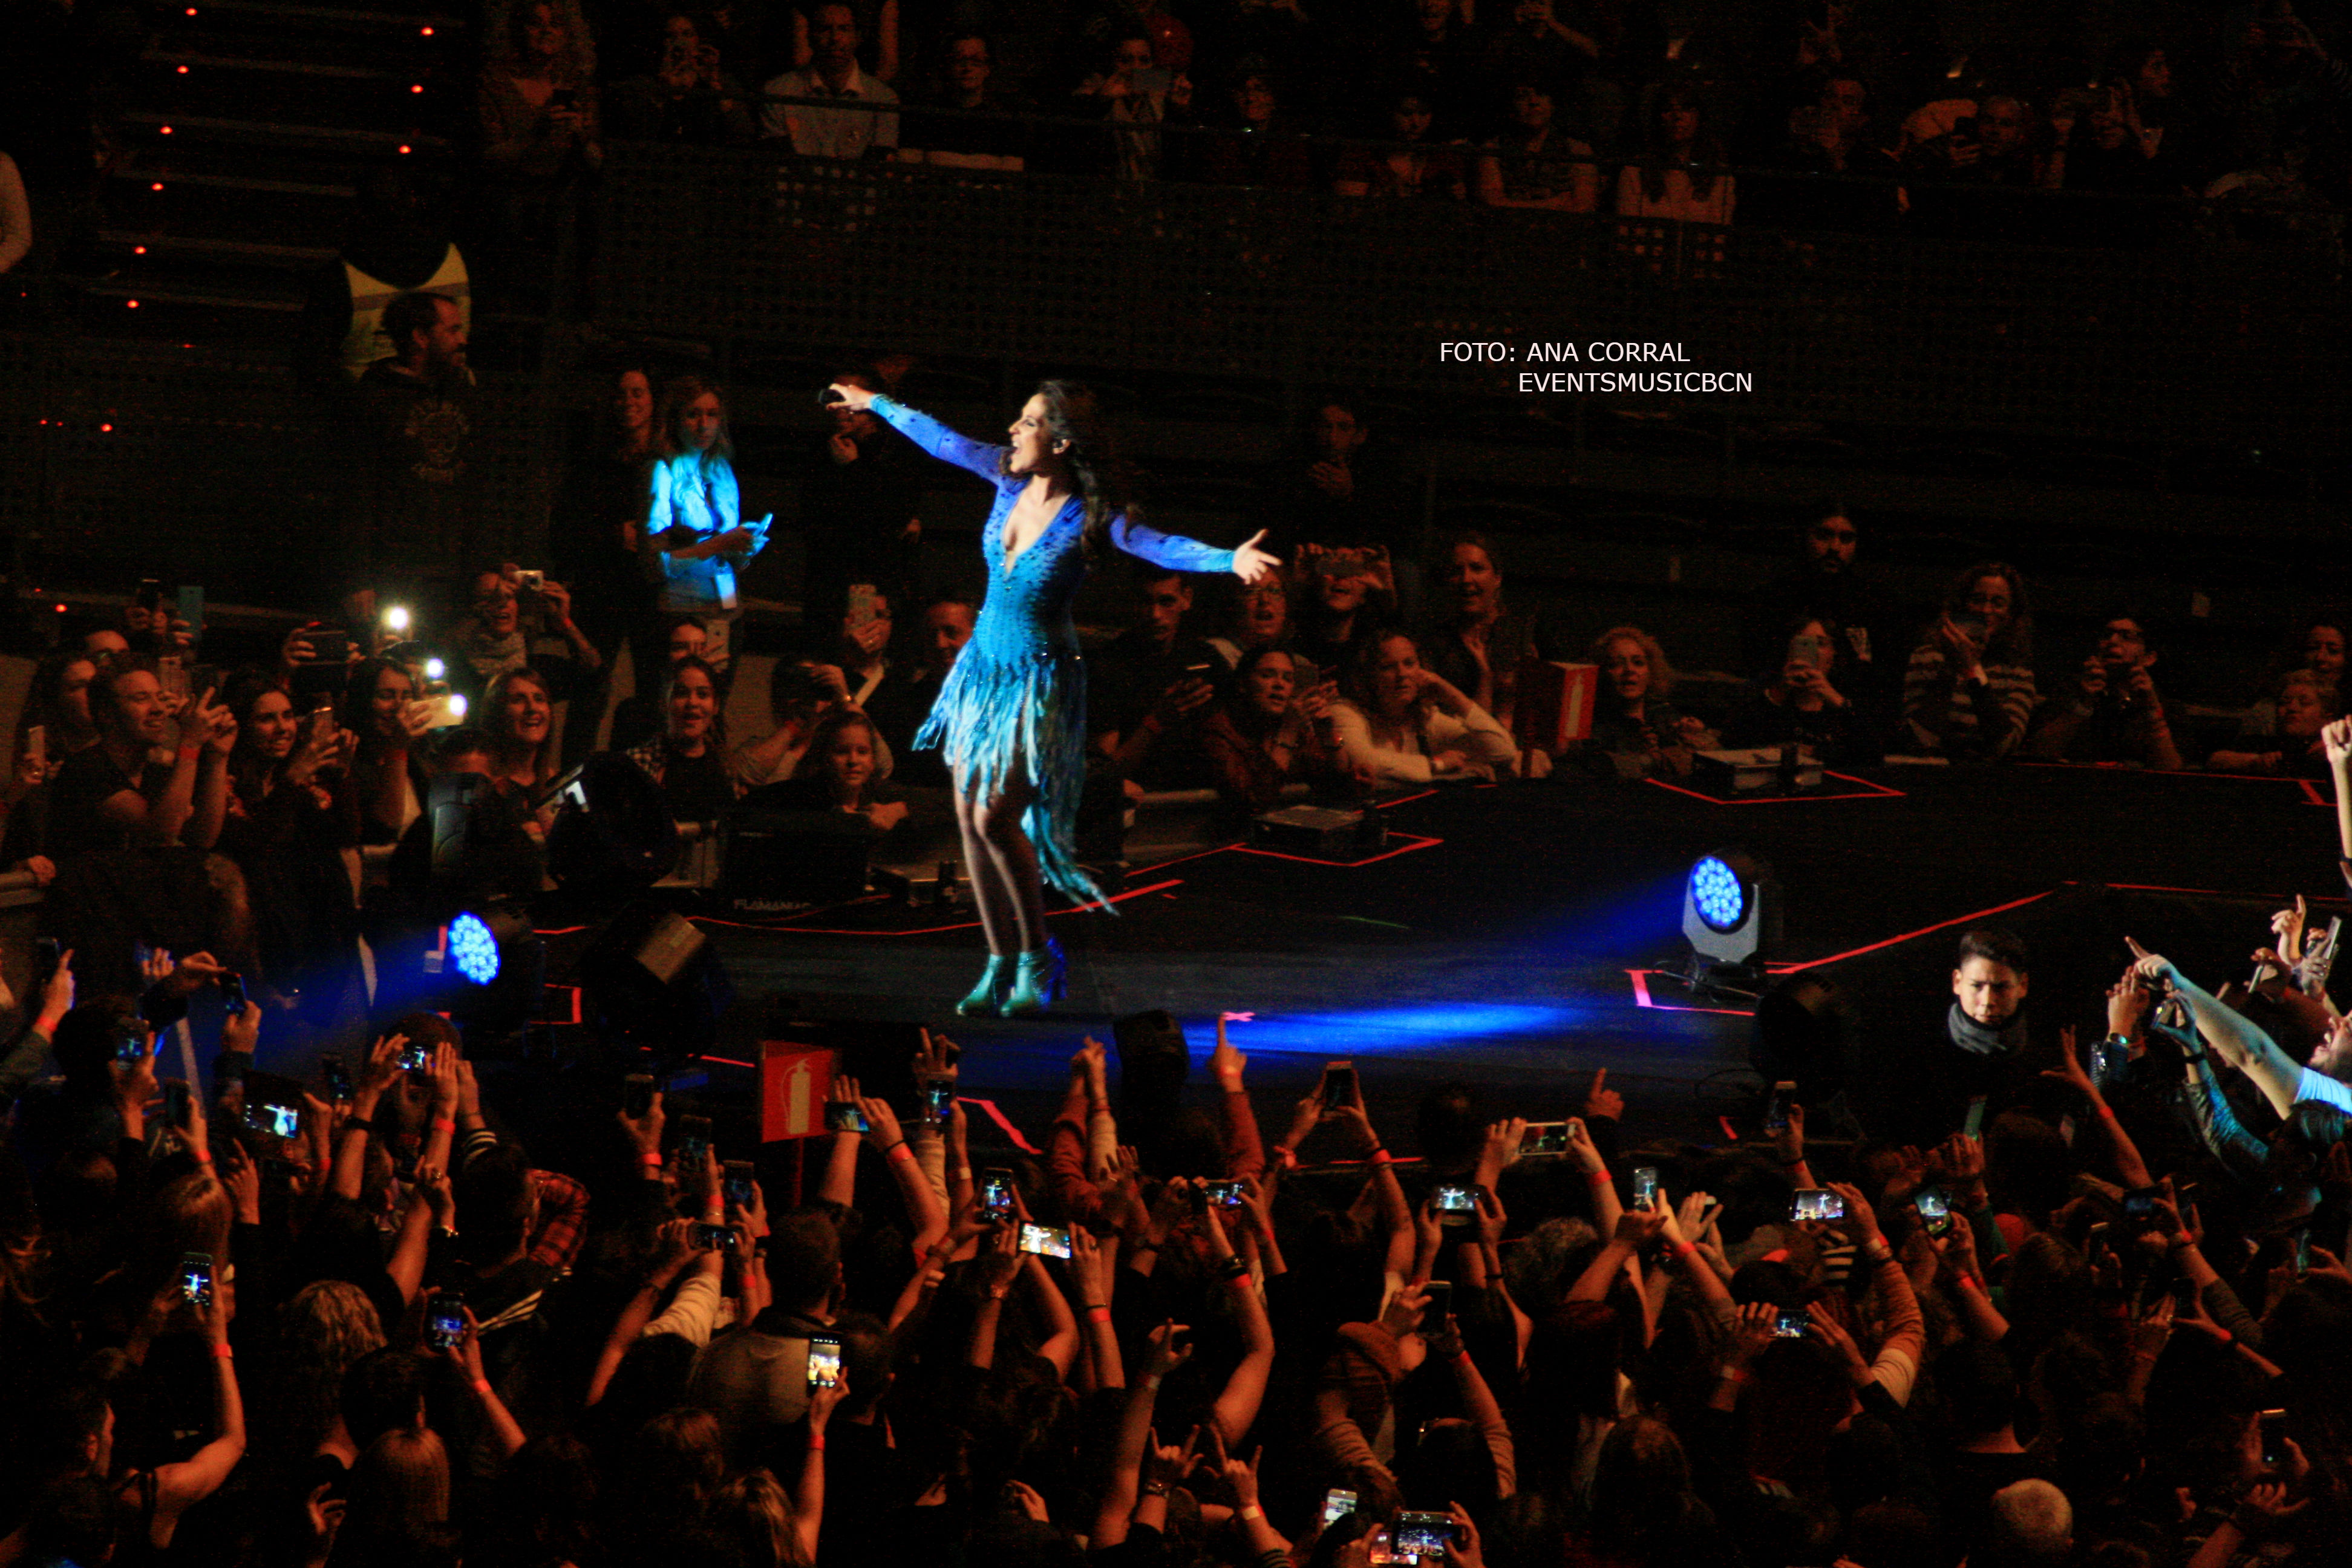 Mal Se Despide De Su Tour Caos En Barcelona Eventsmusicbcn